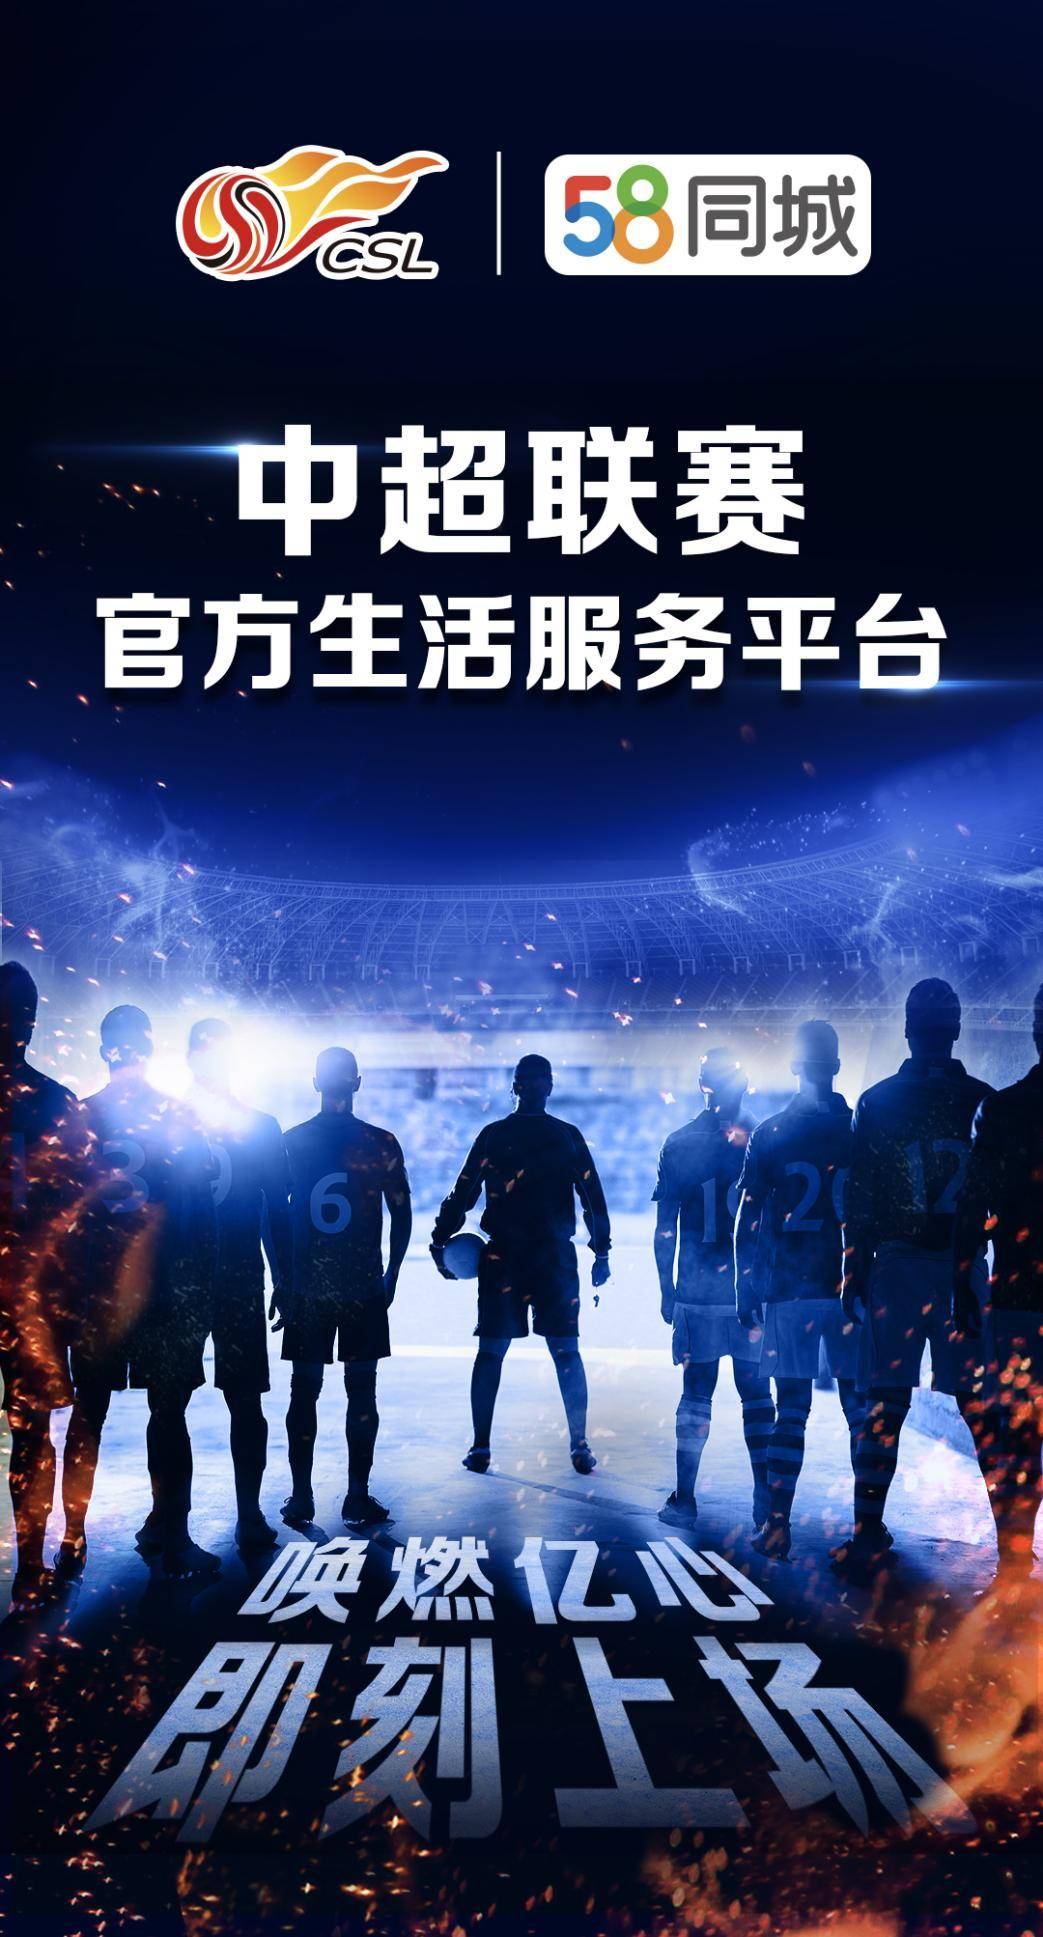 禹唐早报 | 58同城、安居客成为中超官方供应商